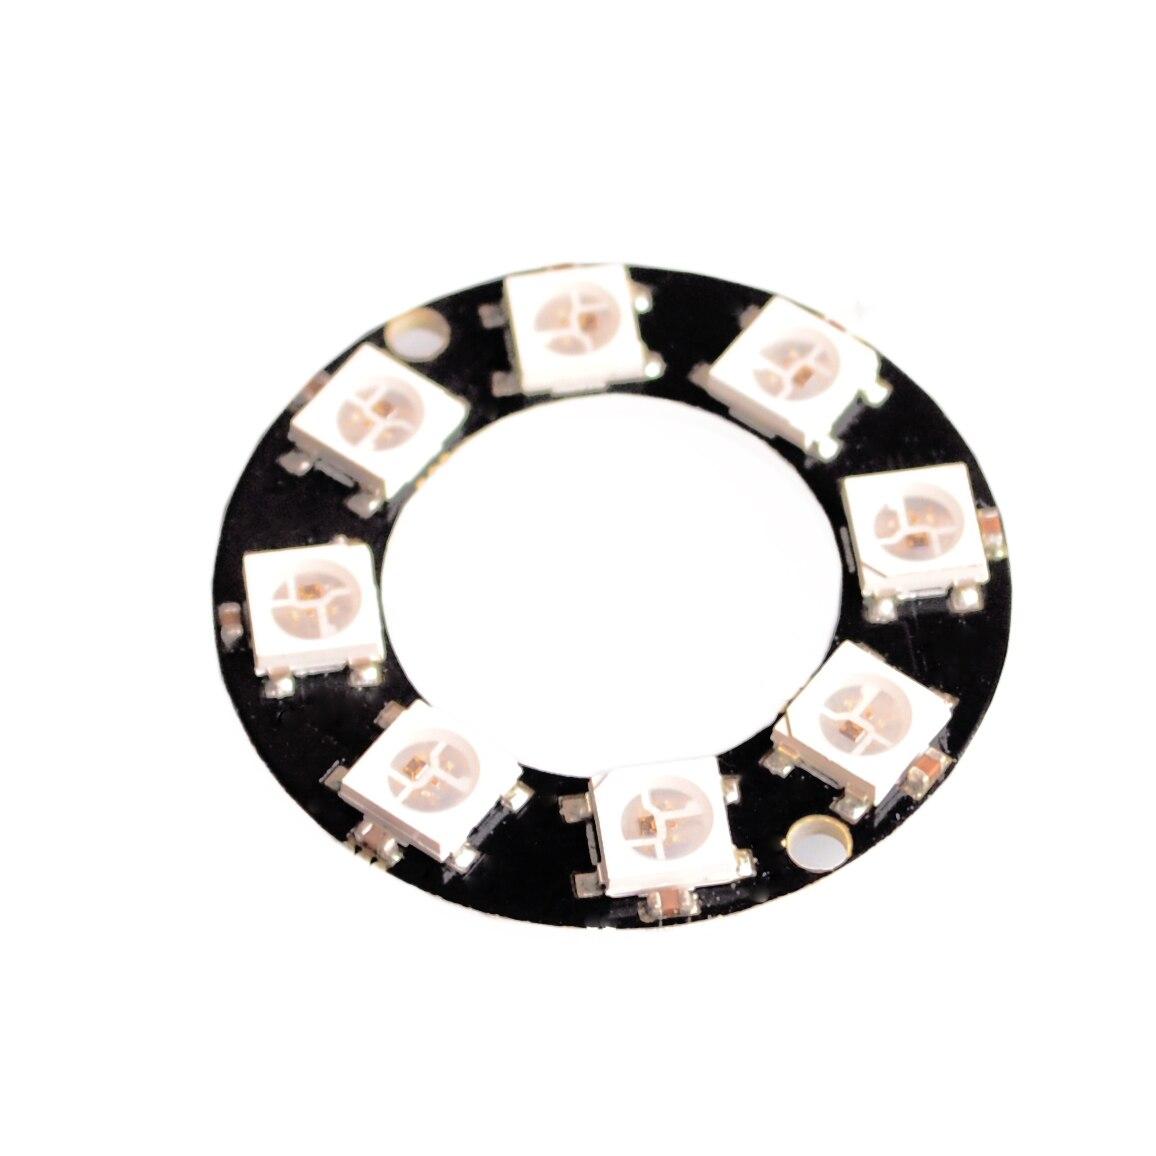 5 unids/lote 8 Bits 8 X WS2812 5050 RGB LED anillo de luz con Drivers integrados